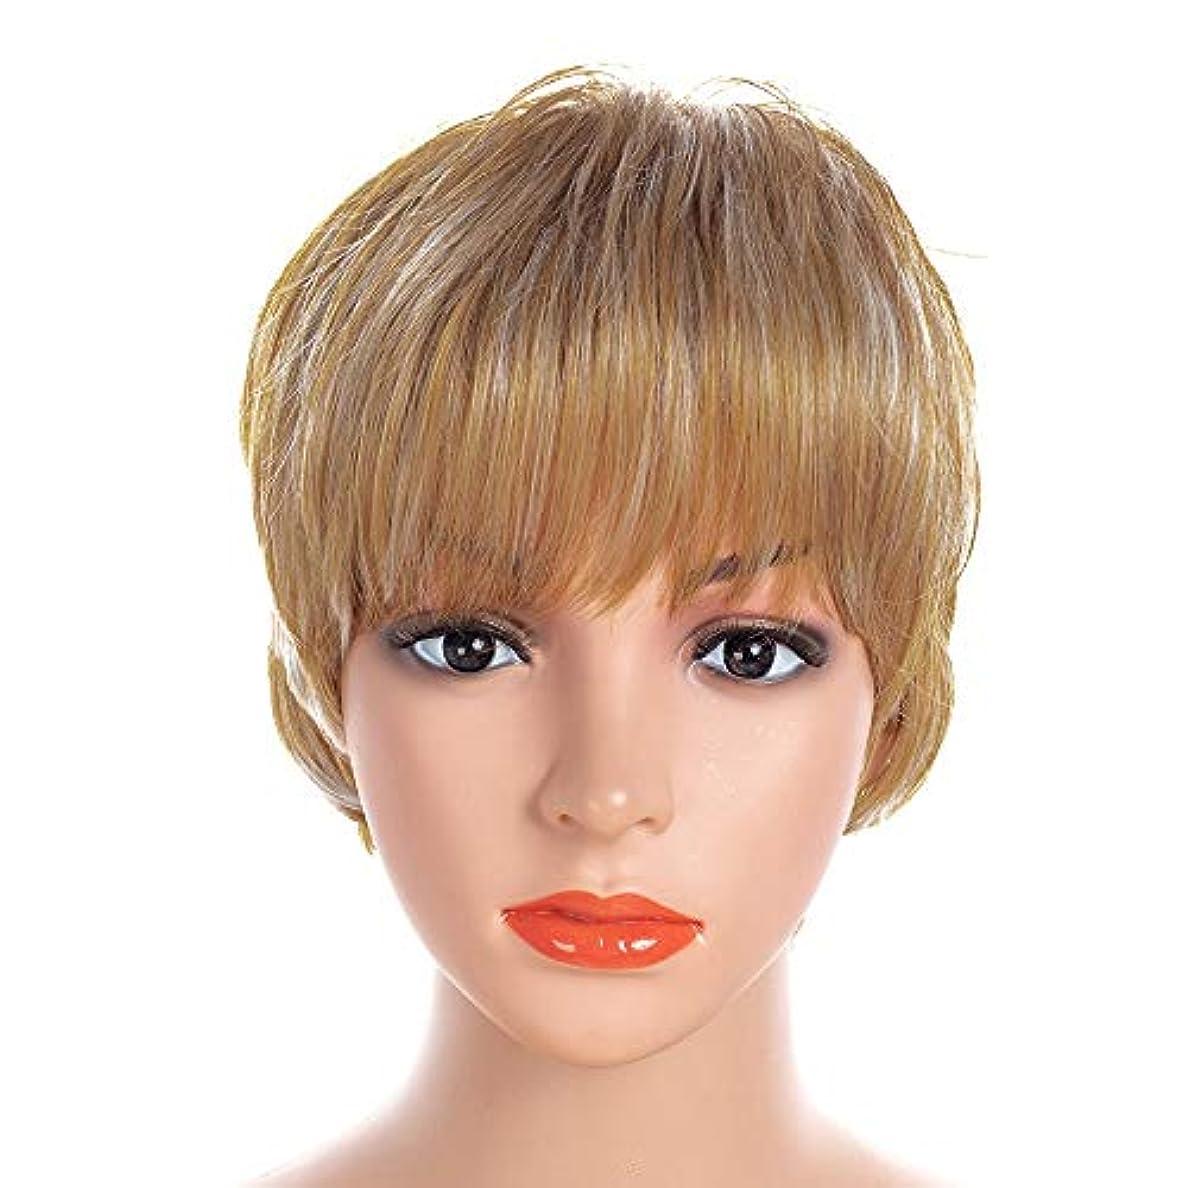 マナーせがむ特異性WASAIO 交換用コスパリーパーティーヘア用の上流階級ボブスタイルアクセサリーの女性ショートカーリーブロンドかつら (色 : Blonde, サイズ : 30cm)